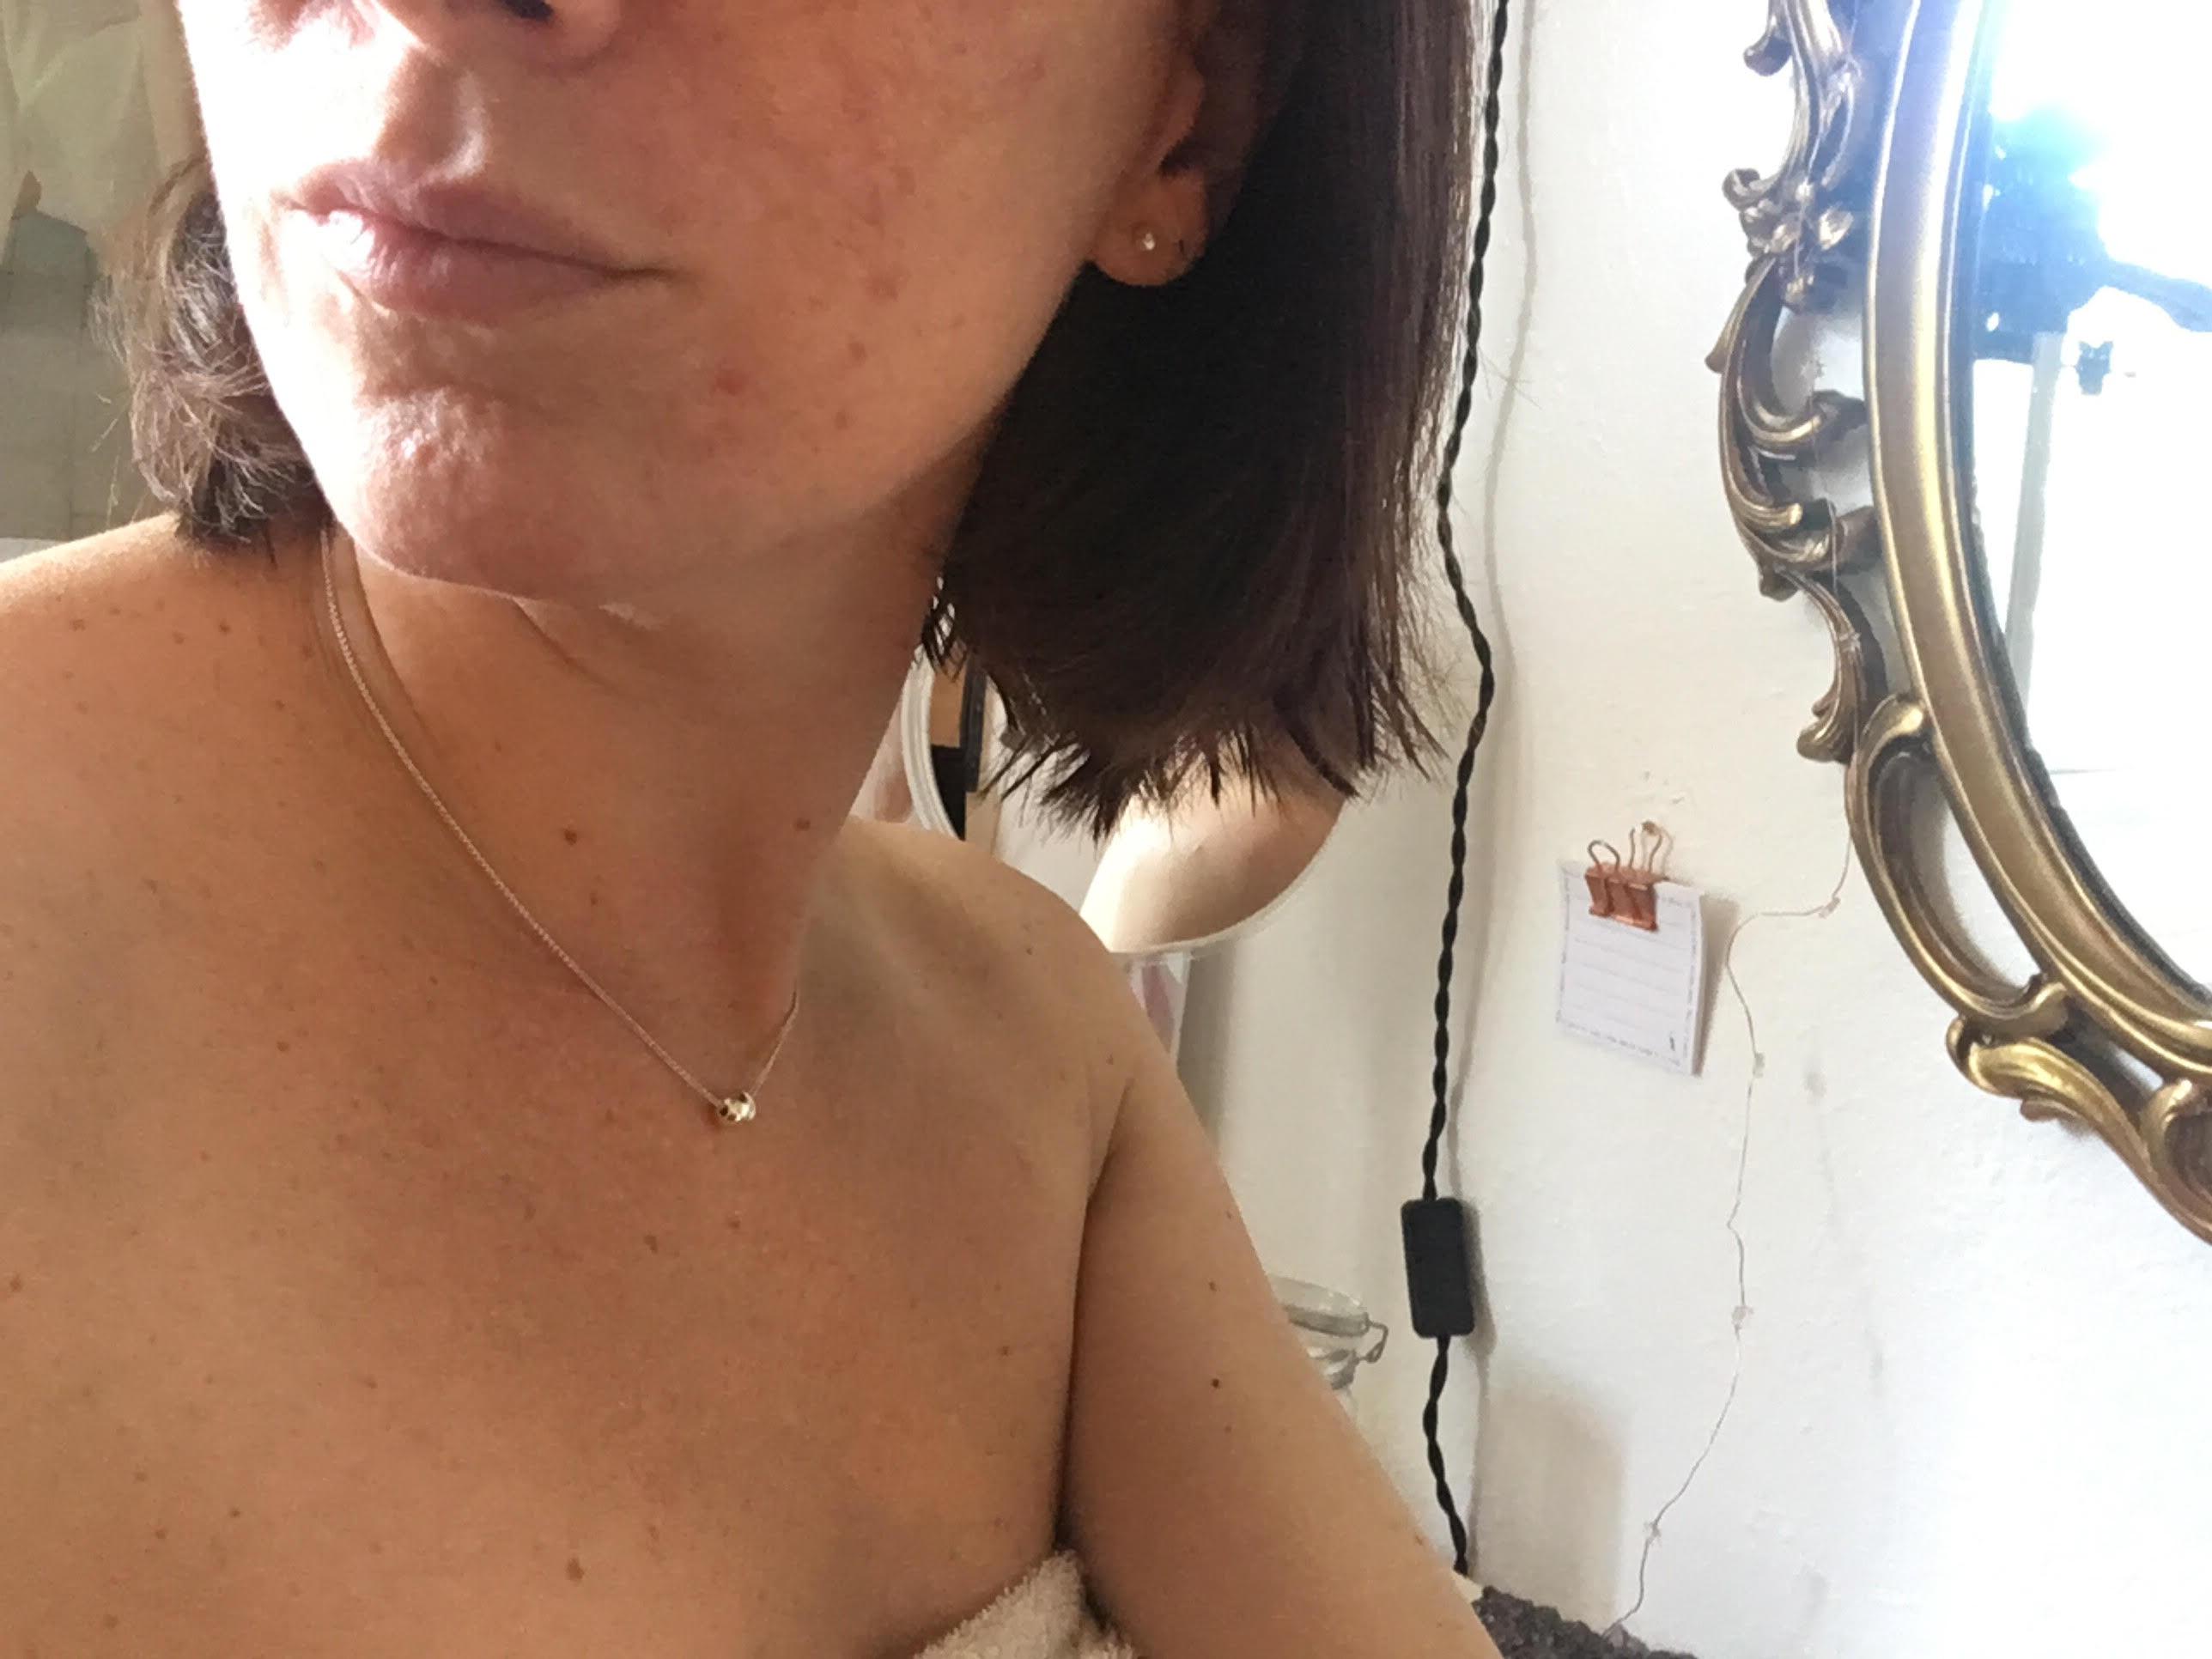 Mediluxe, Peeling 40%, combattre l'acné, peau acnéique, peeling plus de peur que de mal, clinique médico-esthétique, griffintown, processus pour combattre l'acné, tout concernant un processus pour ne plus avoir de l'acné, acné, boutons, peau avec des cicatrices d'acné, blog le cahier, maude sen, article pour peau acnéique